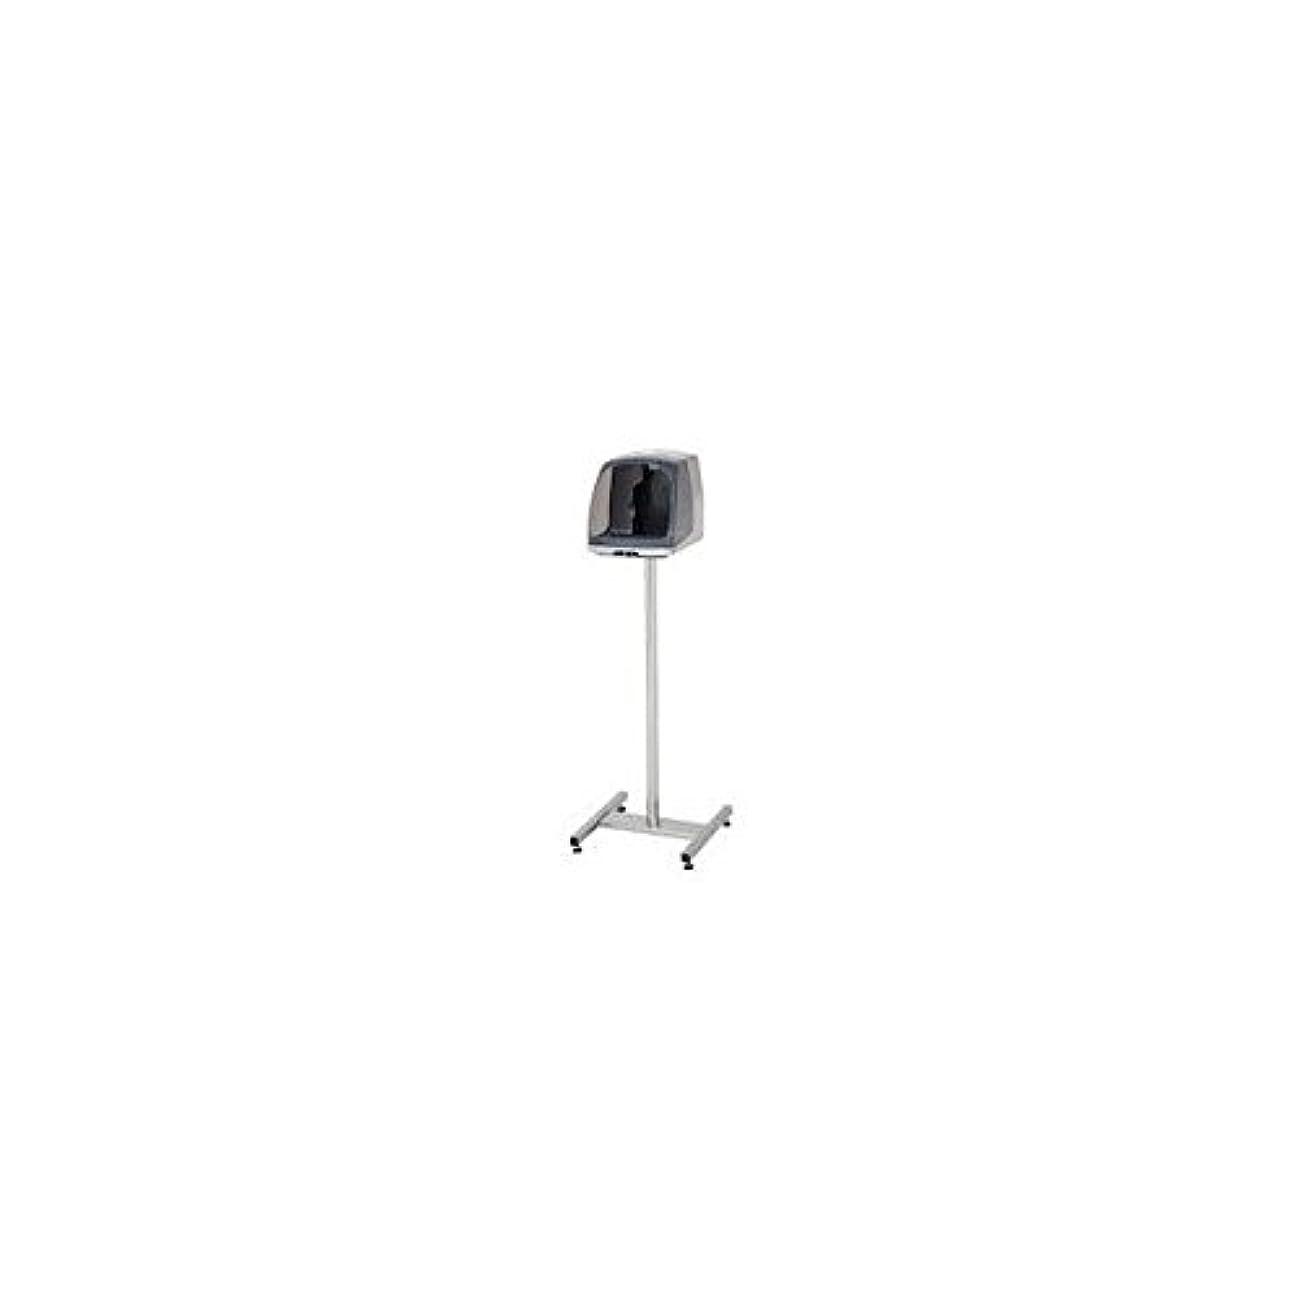 ラバ自発的ふざけた自動手指消毒器 HDI-9000用 架台スタンド キャスターなし 【品番】XSY8501